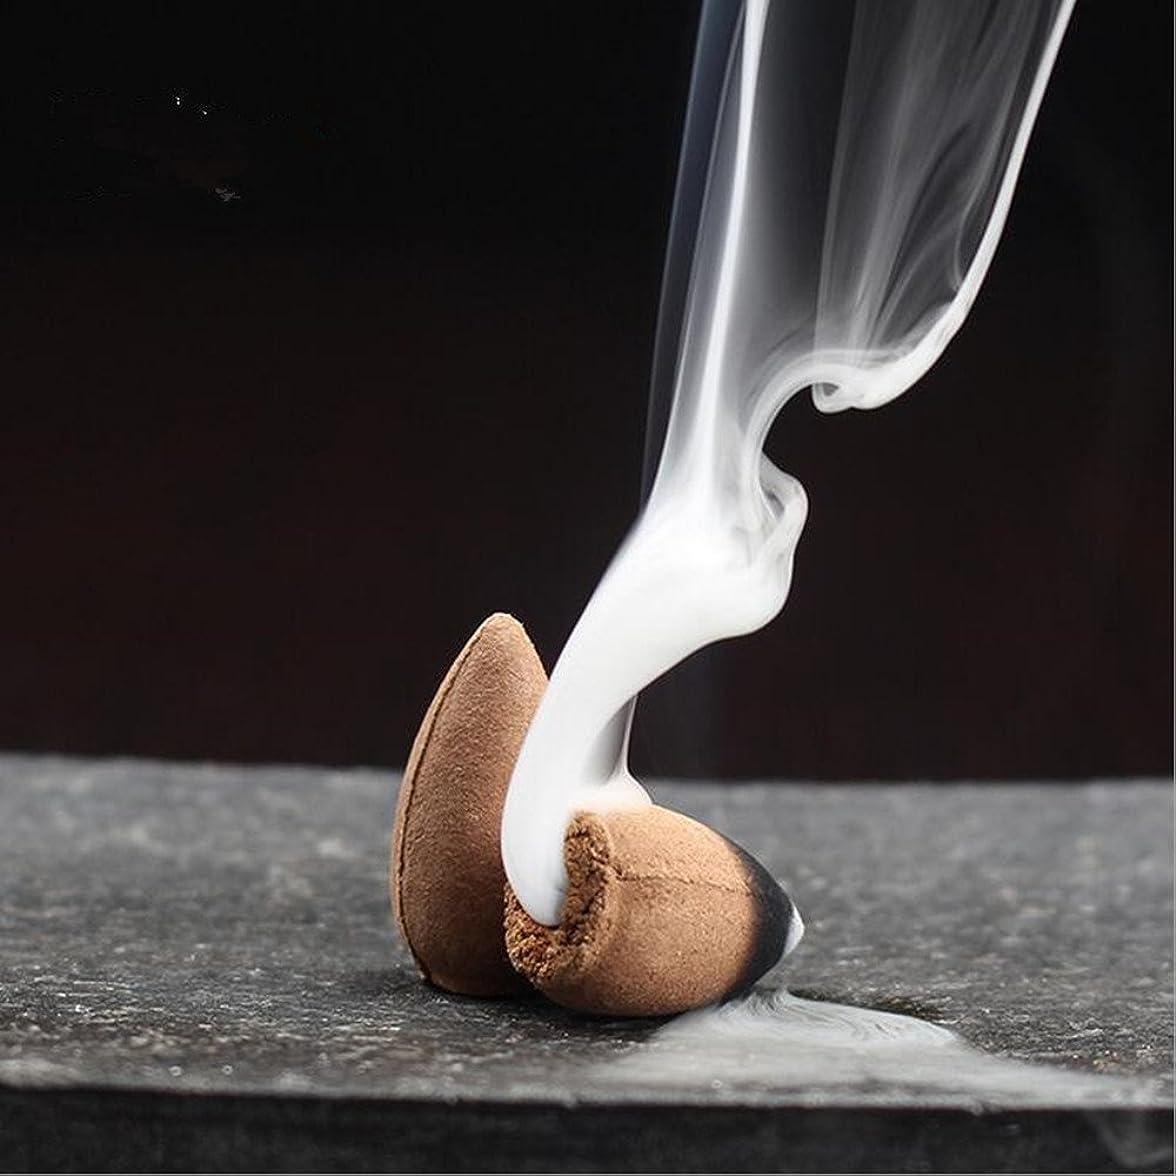 ストレッチ数学的な厄介な逆流startdy自然煙PagodaインドアIncense円錐Bulletアロマセラピーのヨガ瞑想45pc /ボックス